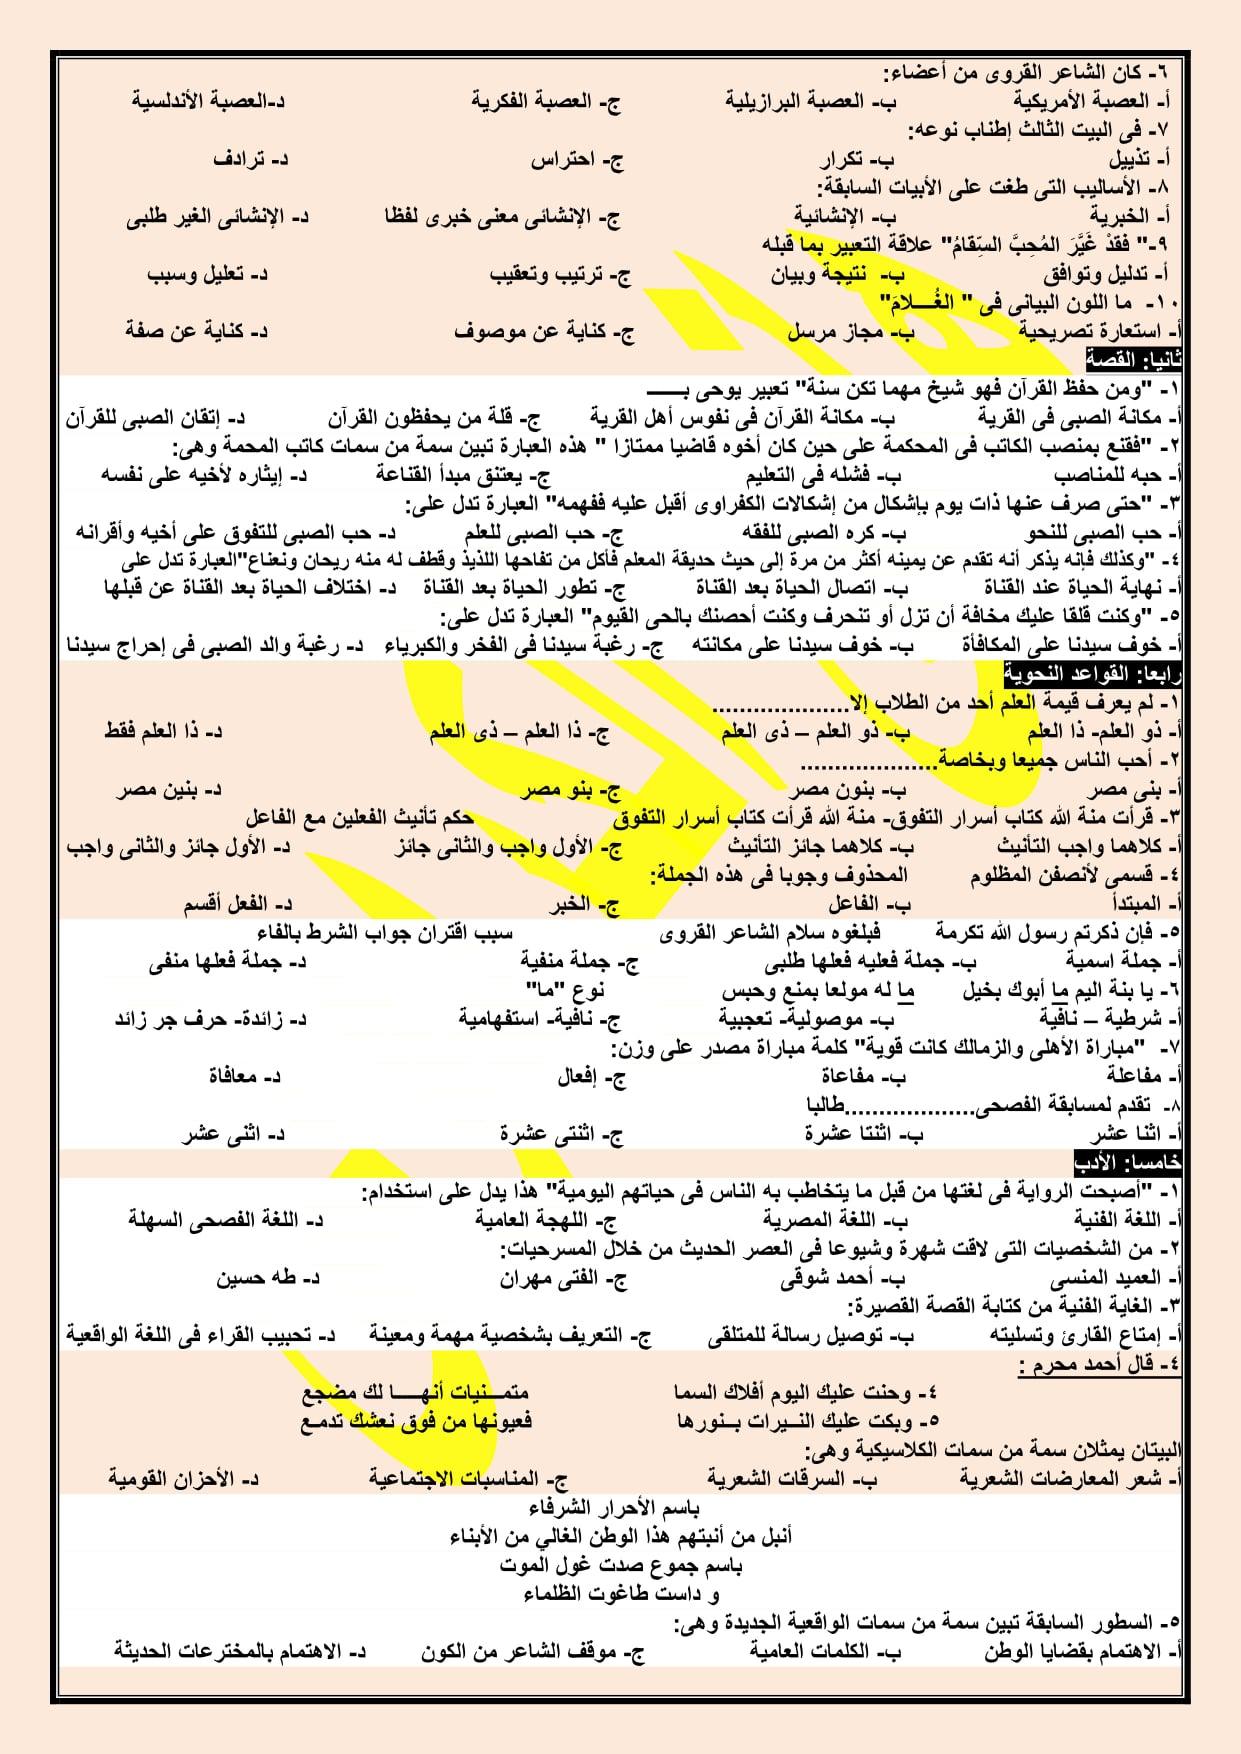 2 نموذج امتحان لغة عربية مجاب للصف الثالث الثانوي 2021 أ/ هاني الكردوني 13